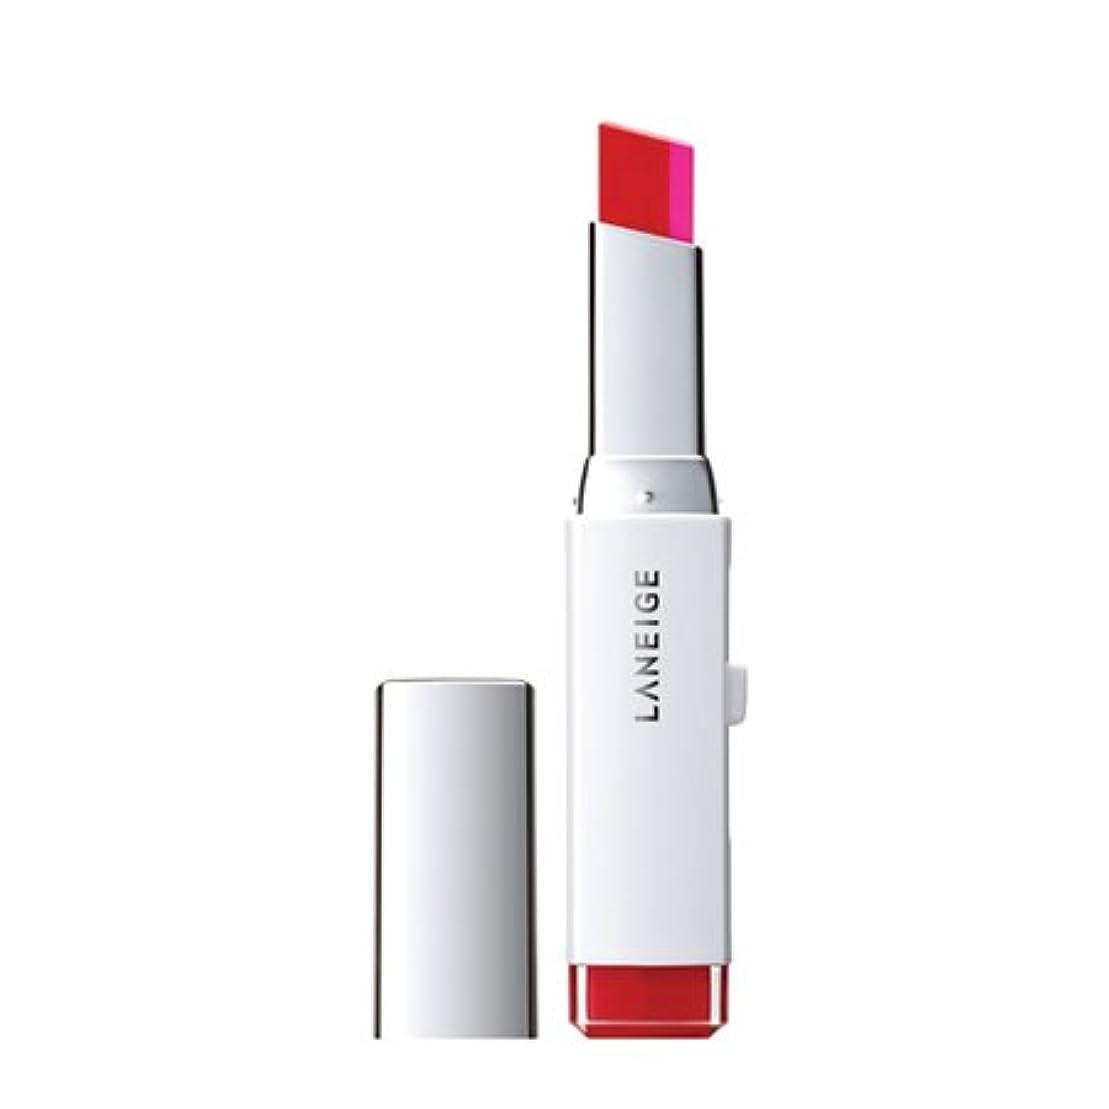 ほのめかす贅沢な直立ラネージュ(LANEIGE)ツートーンリップバー(Two tone lip bar)2g カラー:5号 ダリングダーリン